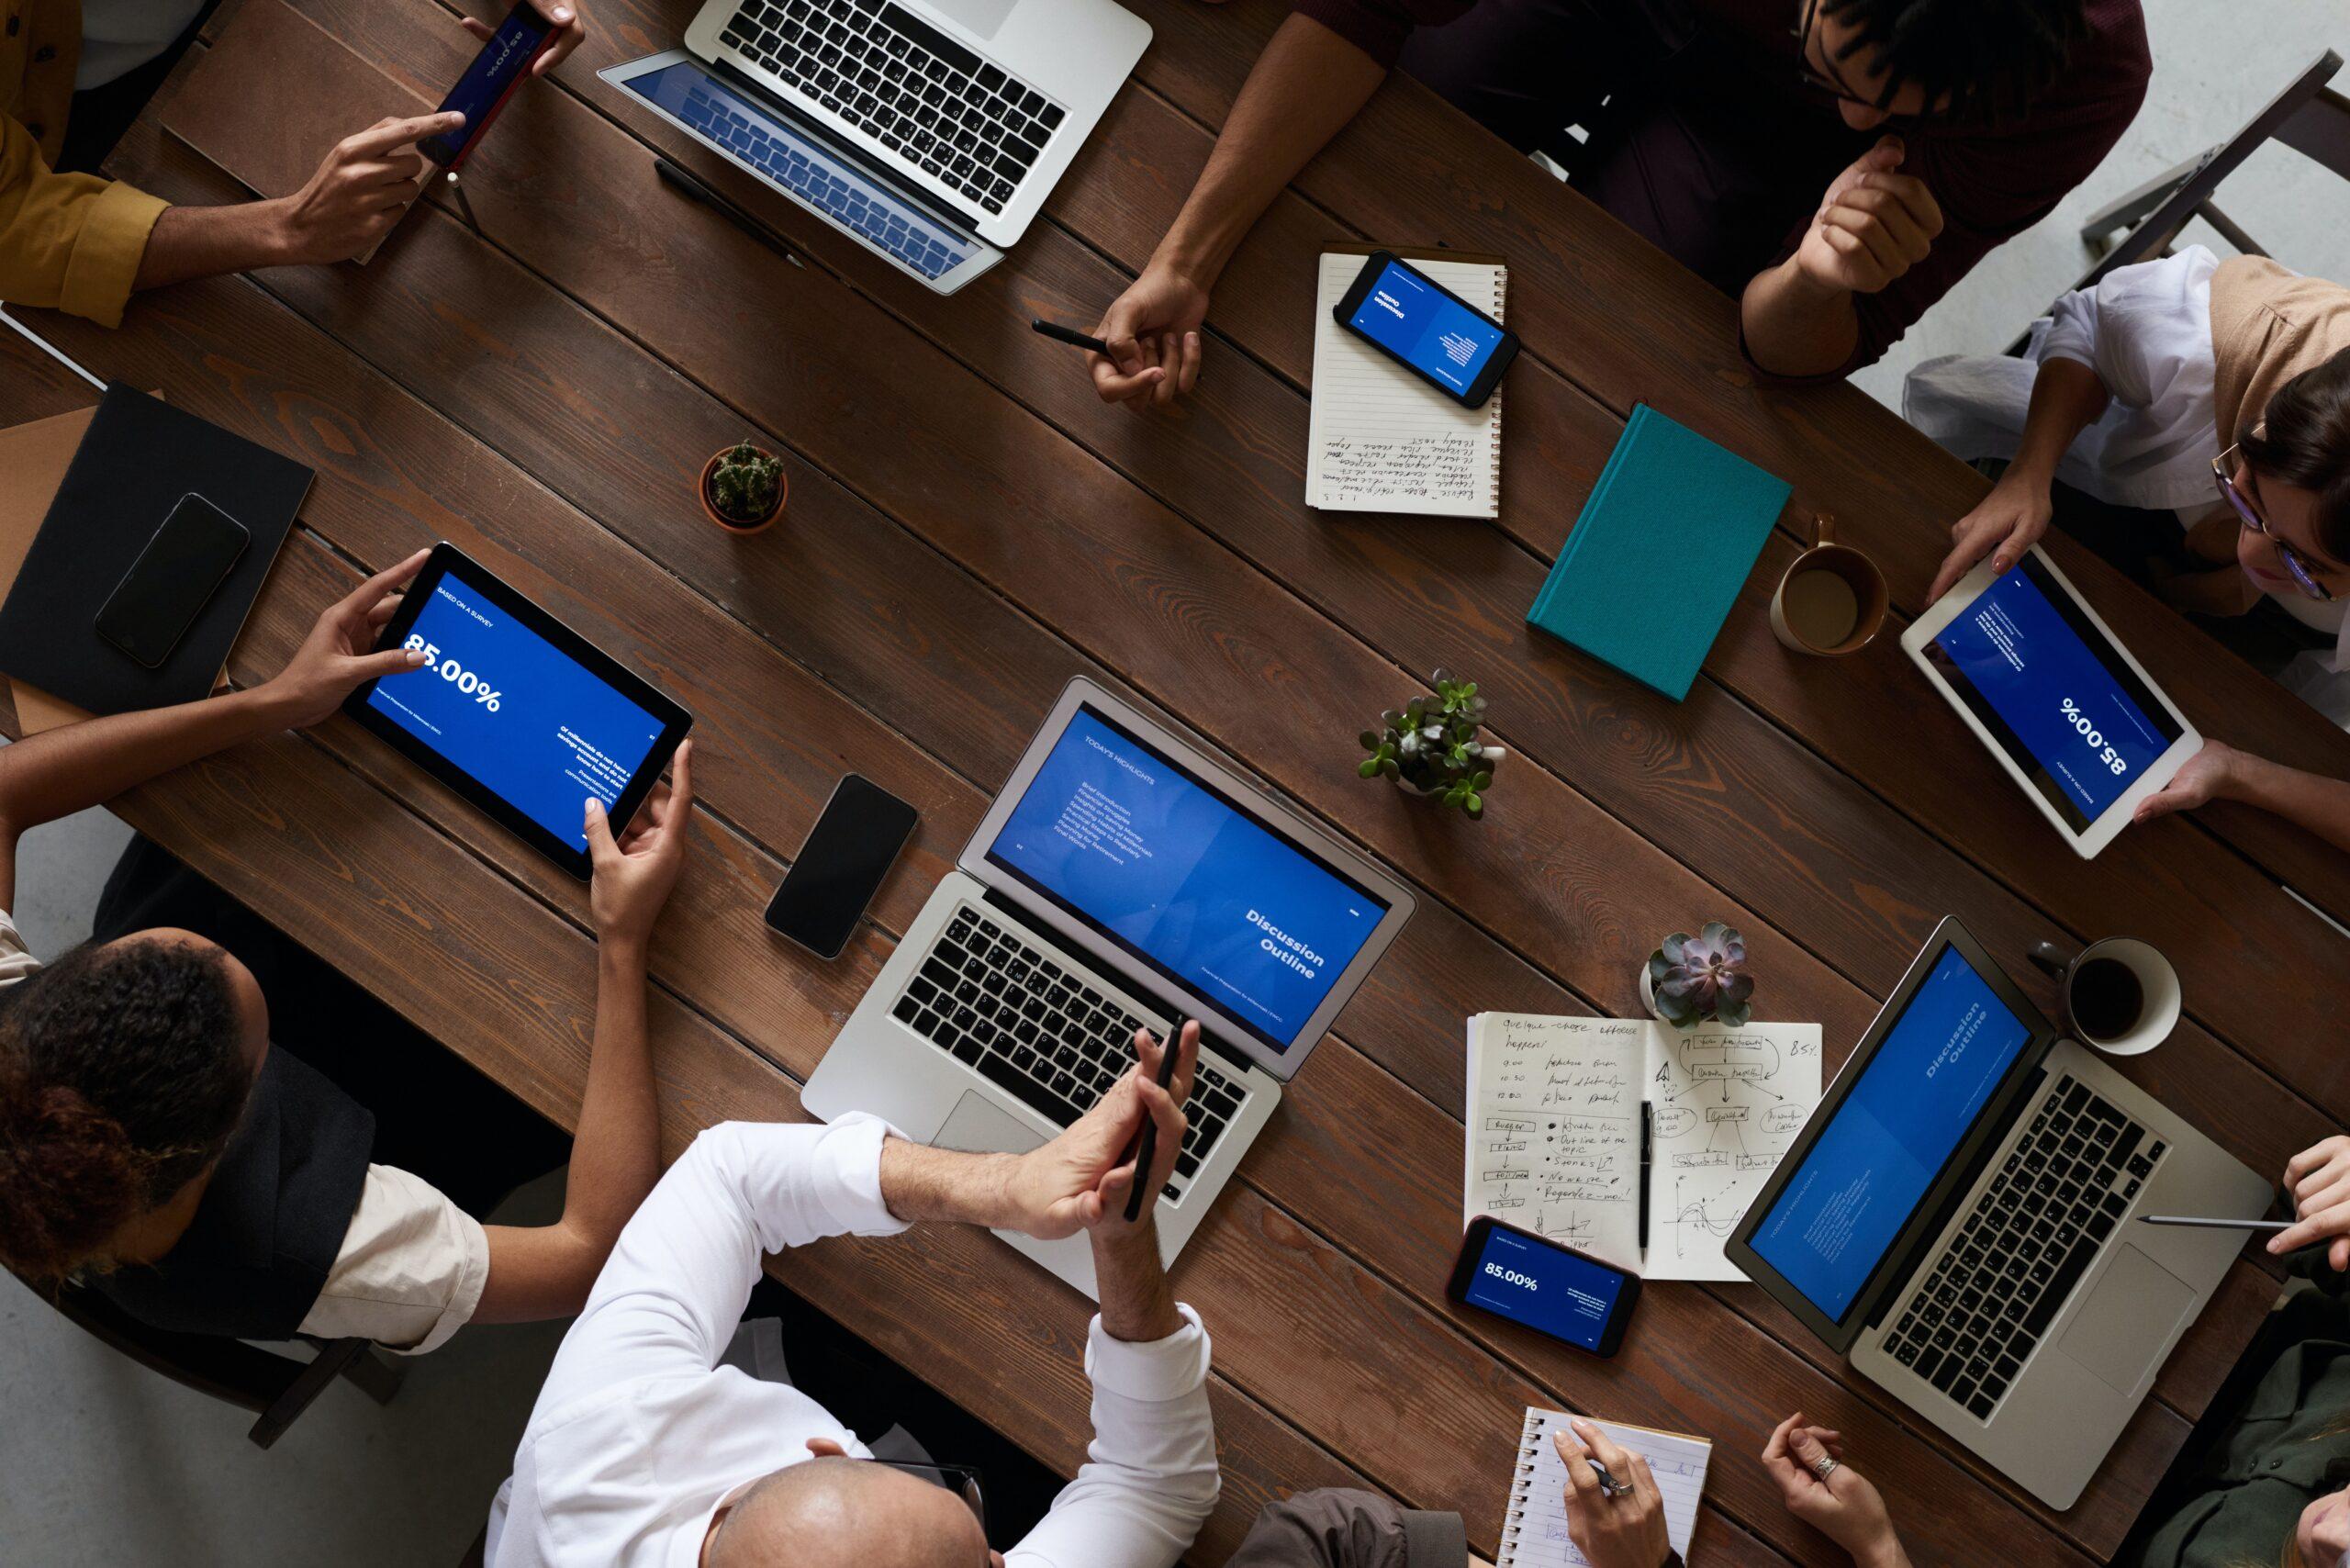 悪いオフィス環境が従業員に与える影響